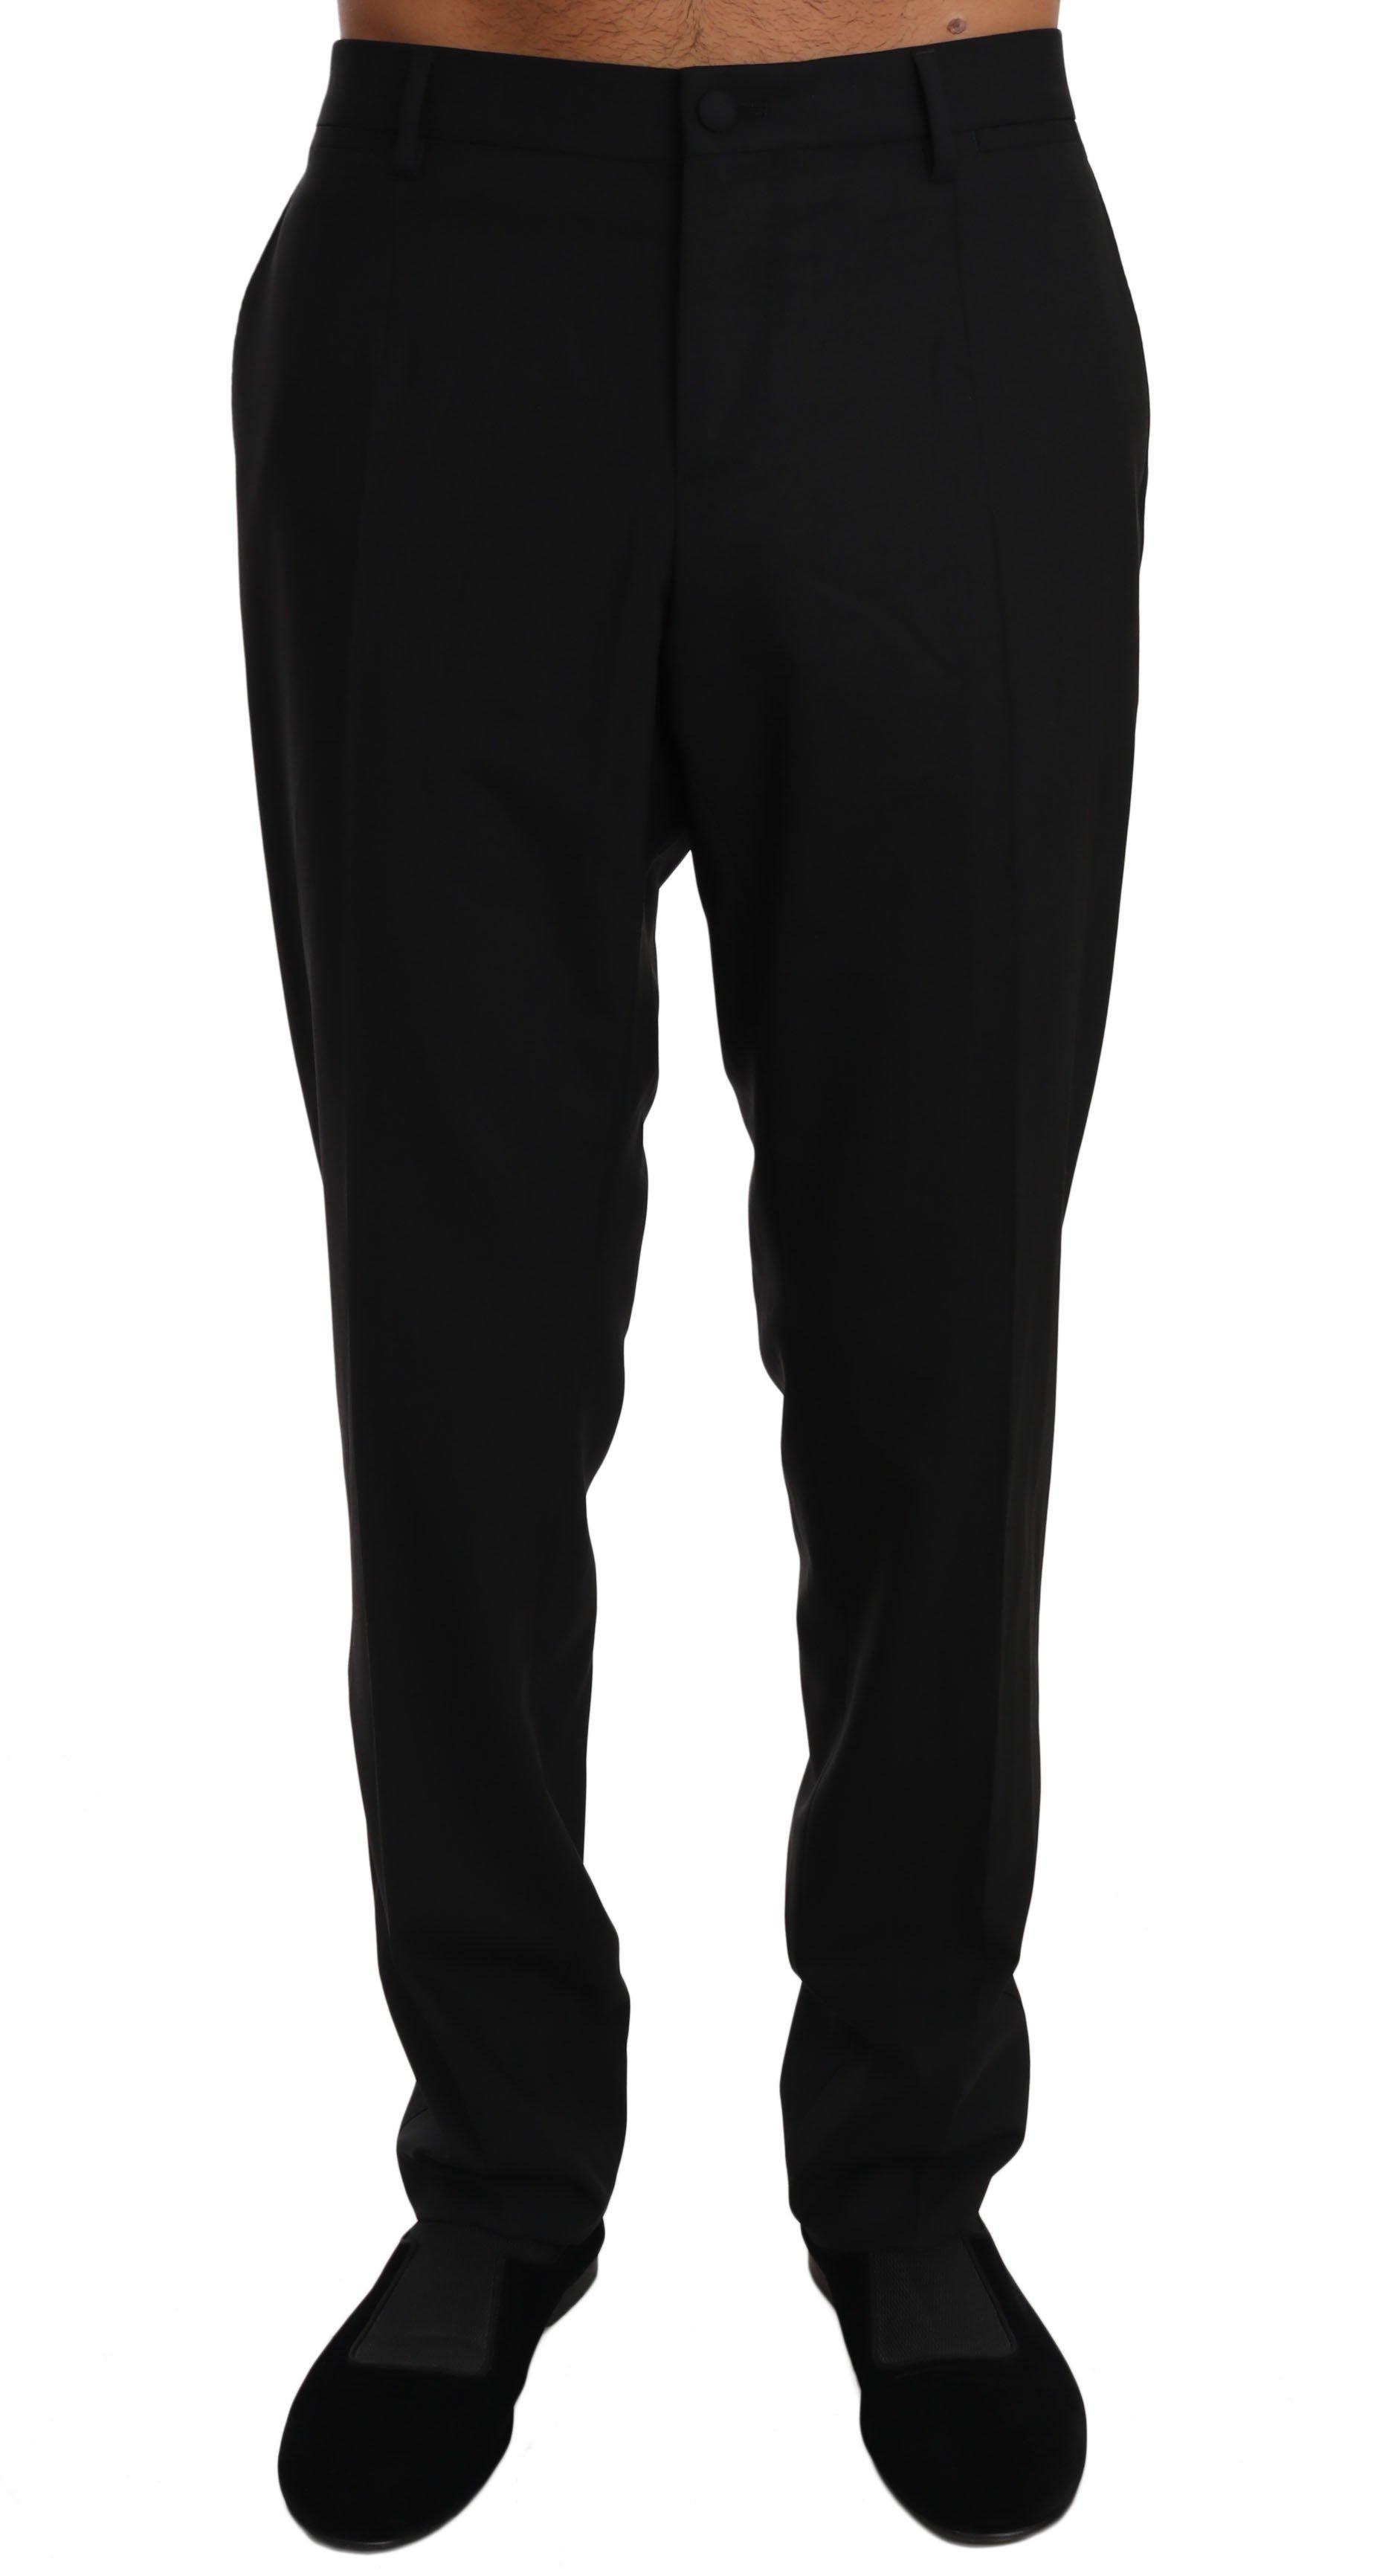 Dolce & Gabbana Men's Wool Stretch Dress Trousers Trouser Black PAN61129 - IT50 | L